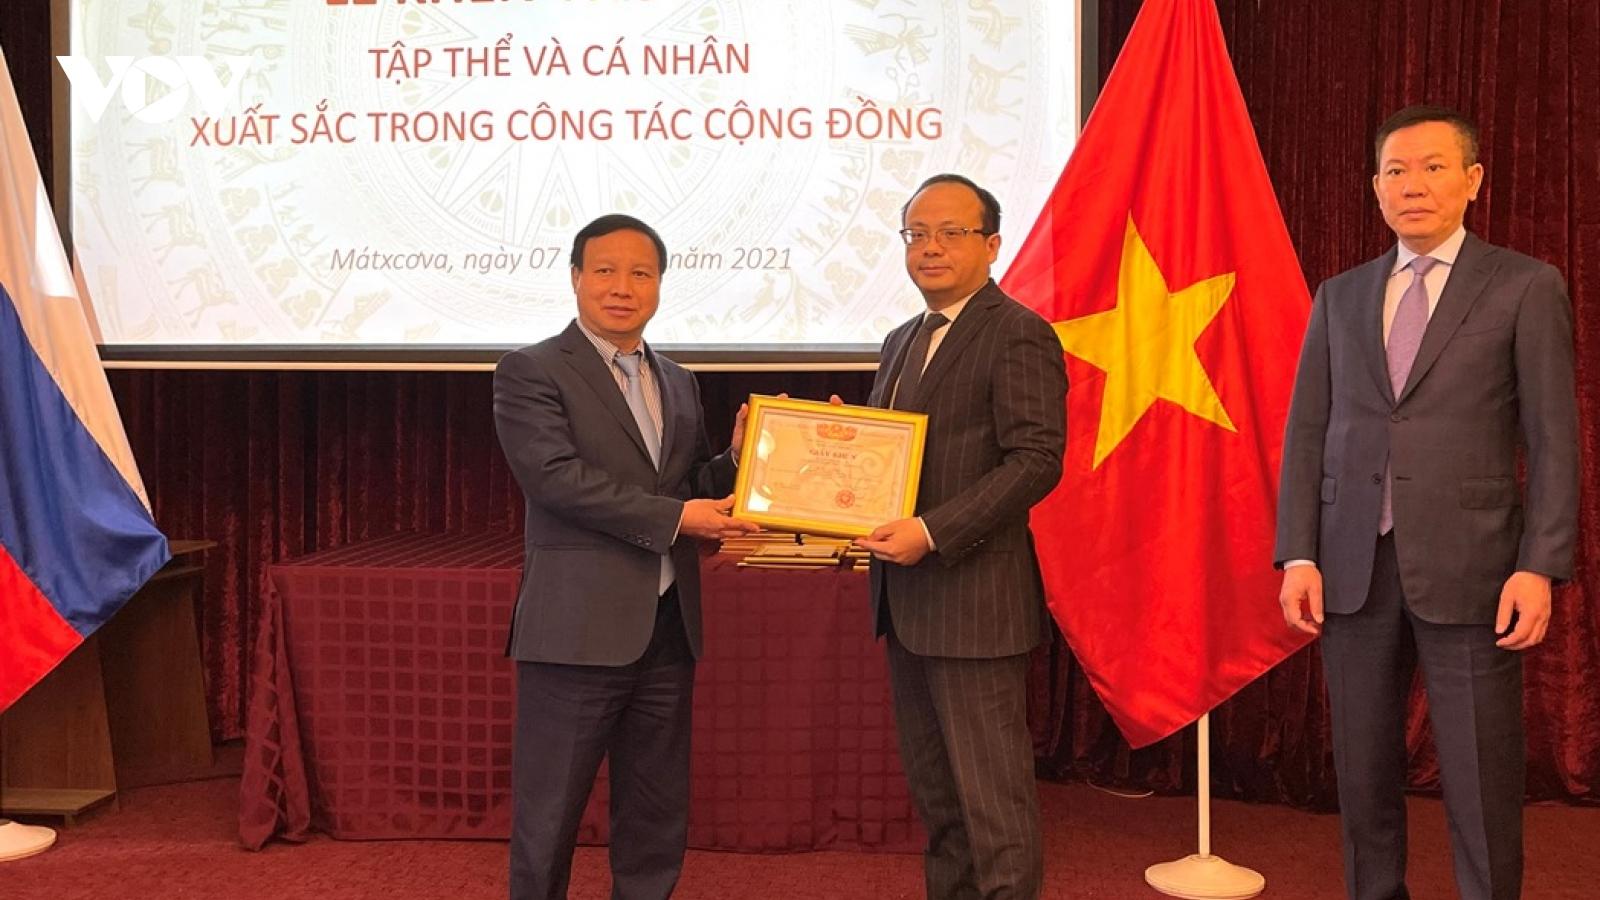 Khen thưởng tập thể, cá nhân xuất sắc trong cộng đồng người Việt tại Nga